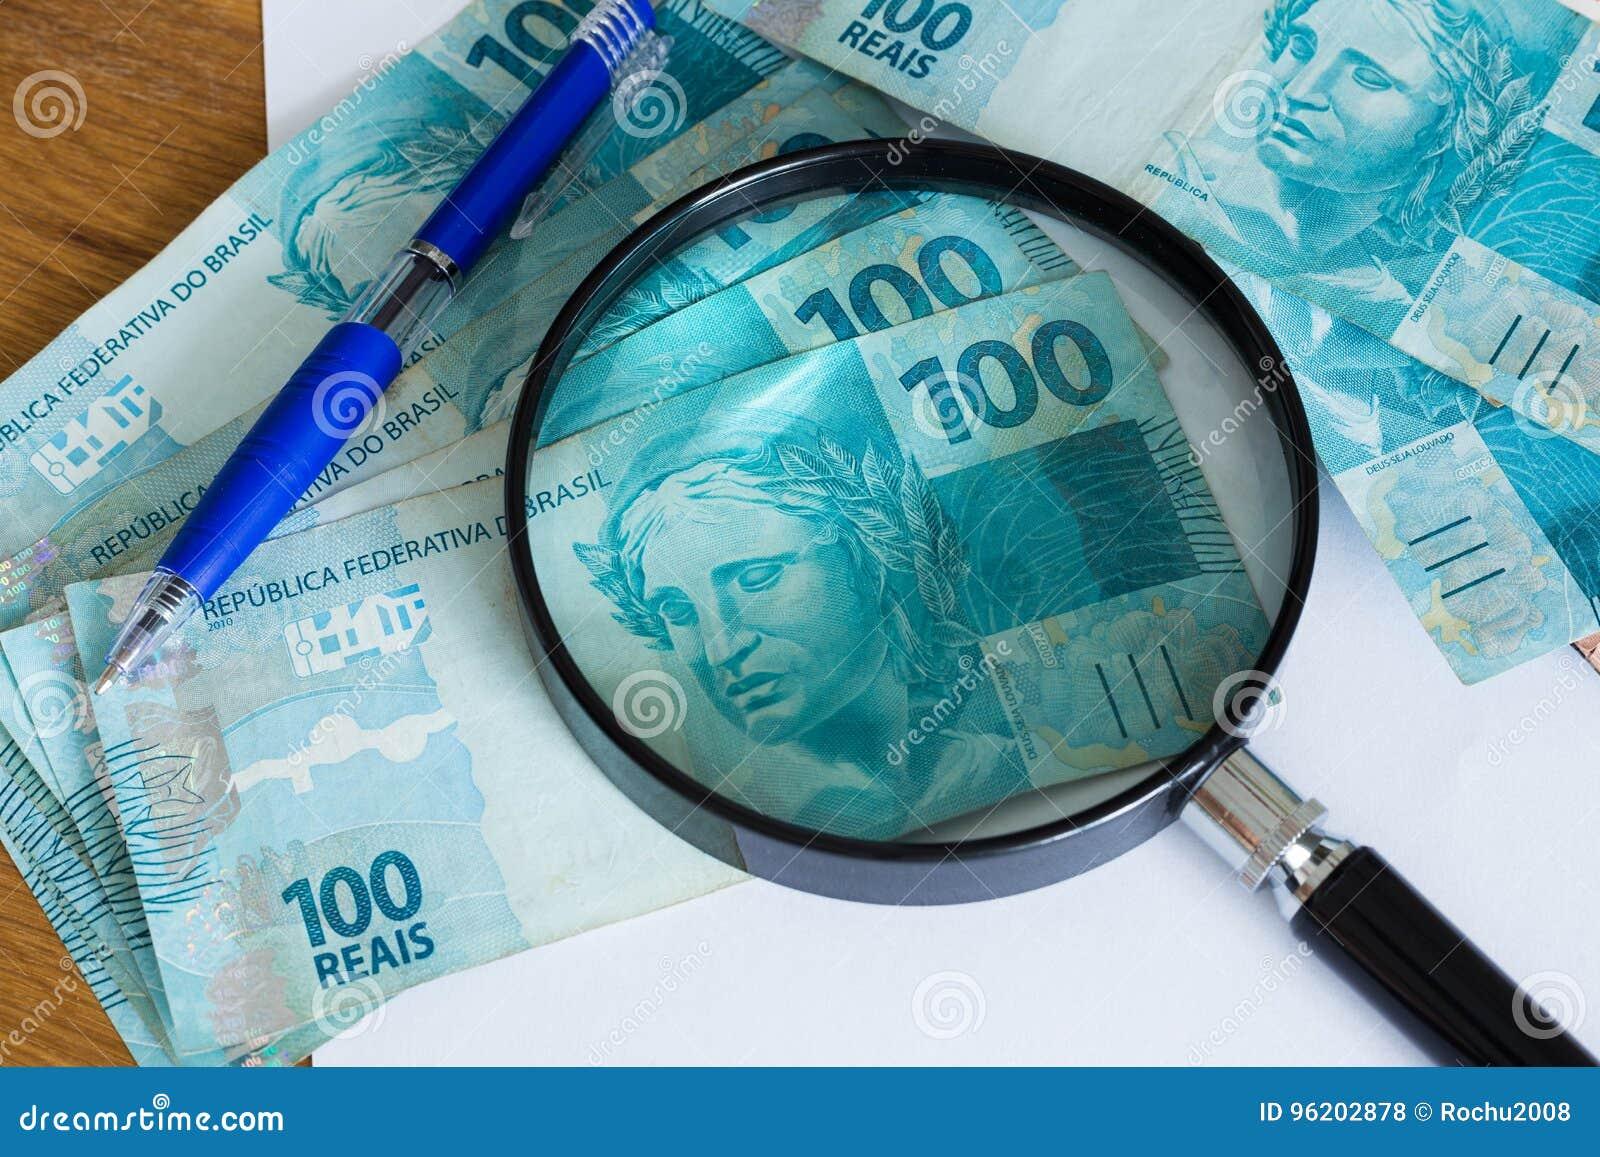 Vista del dinero brasileño, de los reais, del arriba nominales con una hoja de papel y una pluma para los cálculos